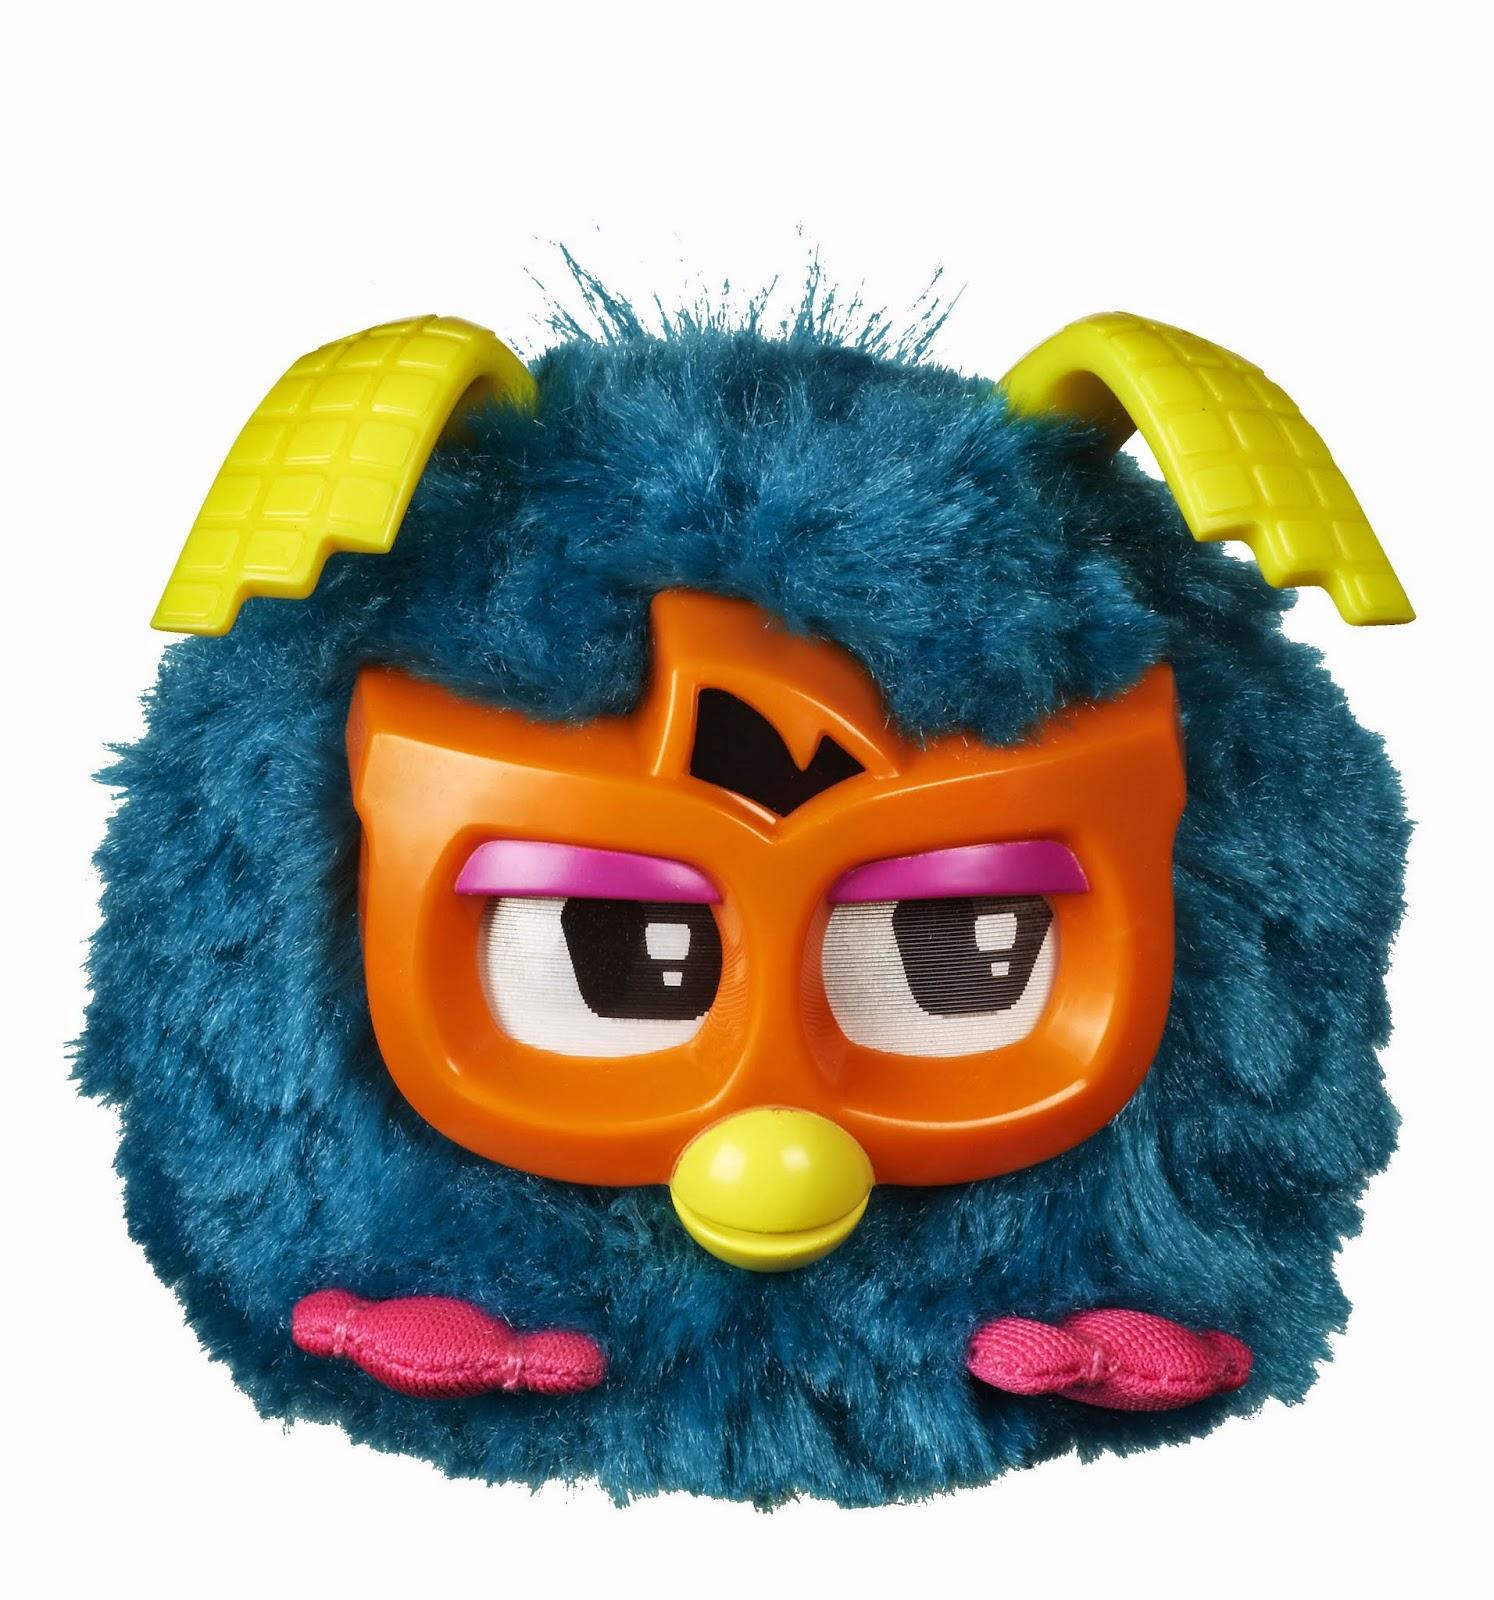 Nerdby nuovo Furby Party Rockers 2014  feste Hasbro prezzo caratteristiche giocattolo